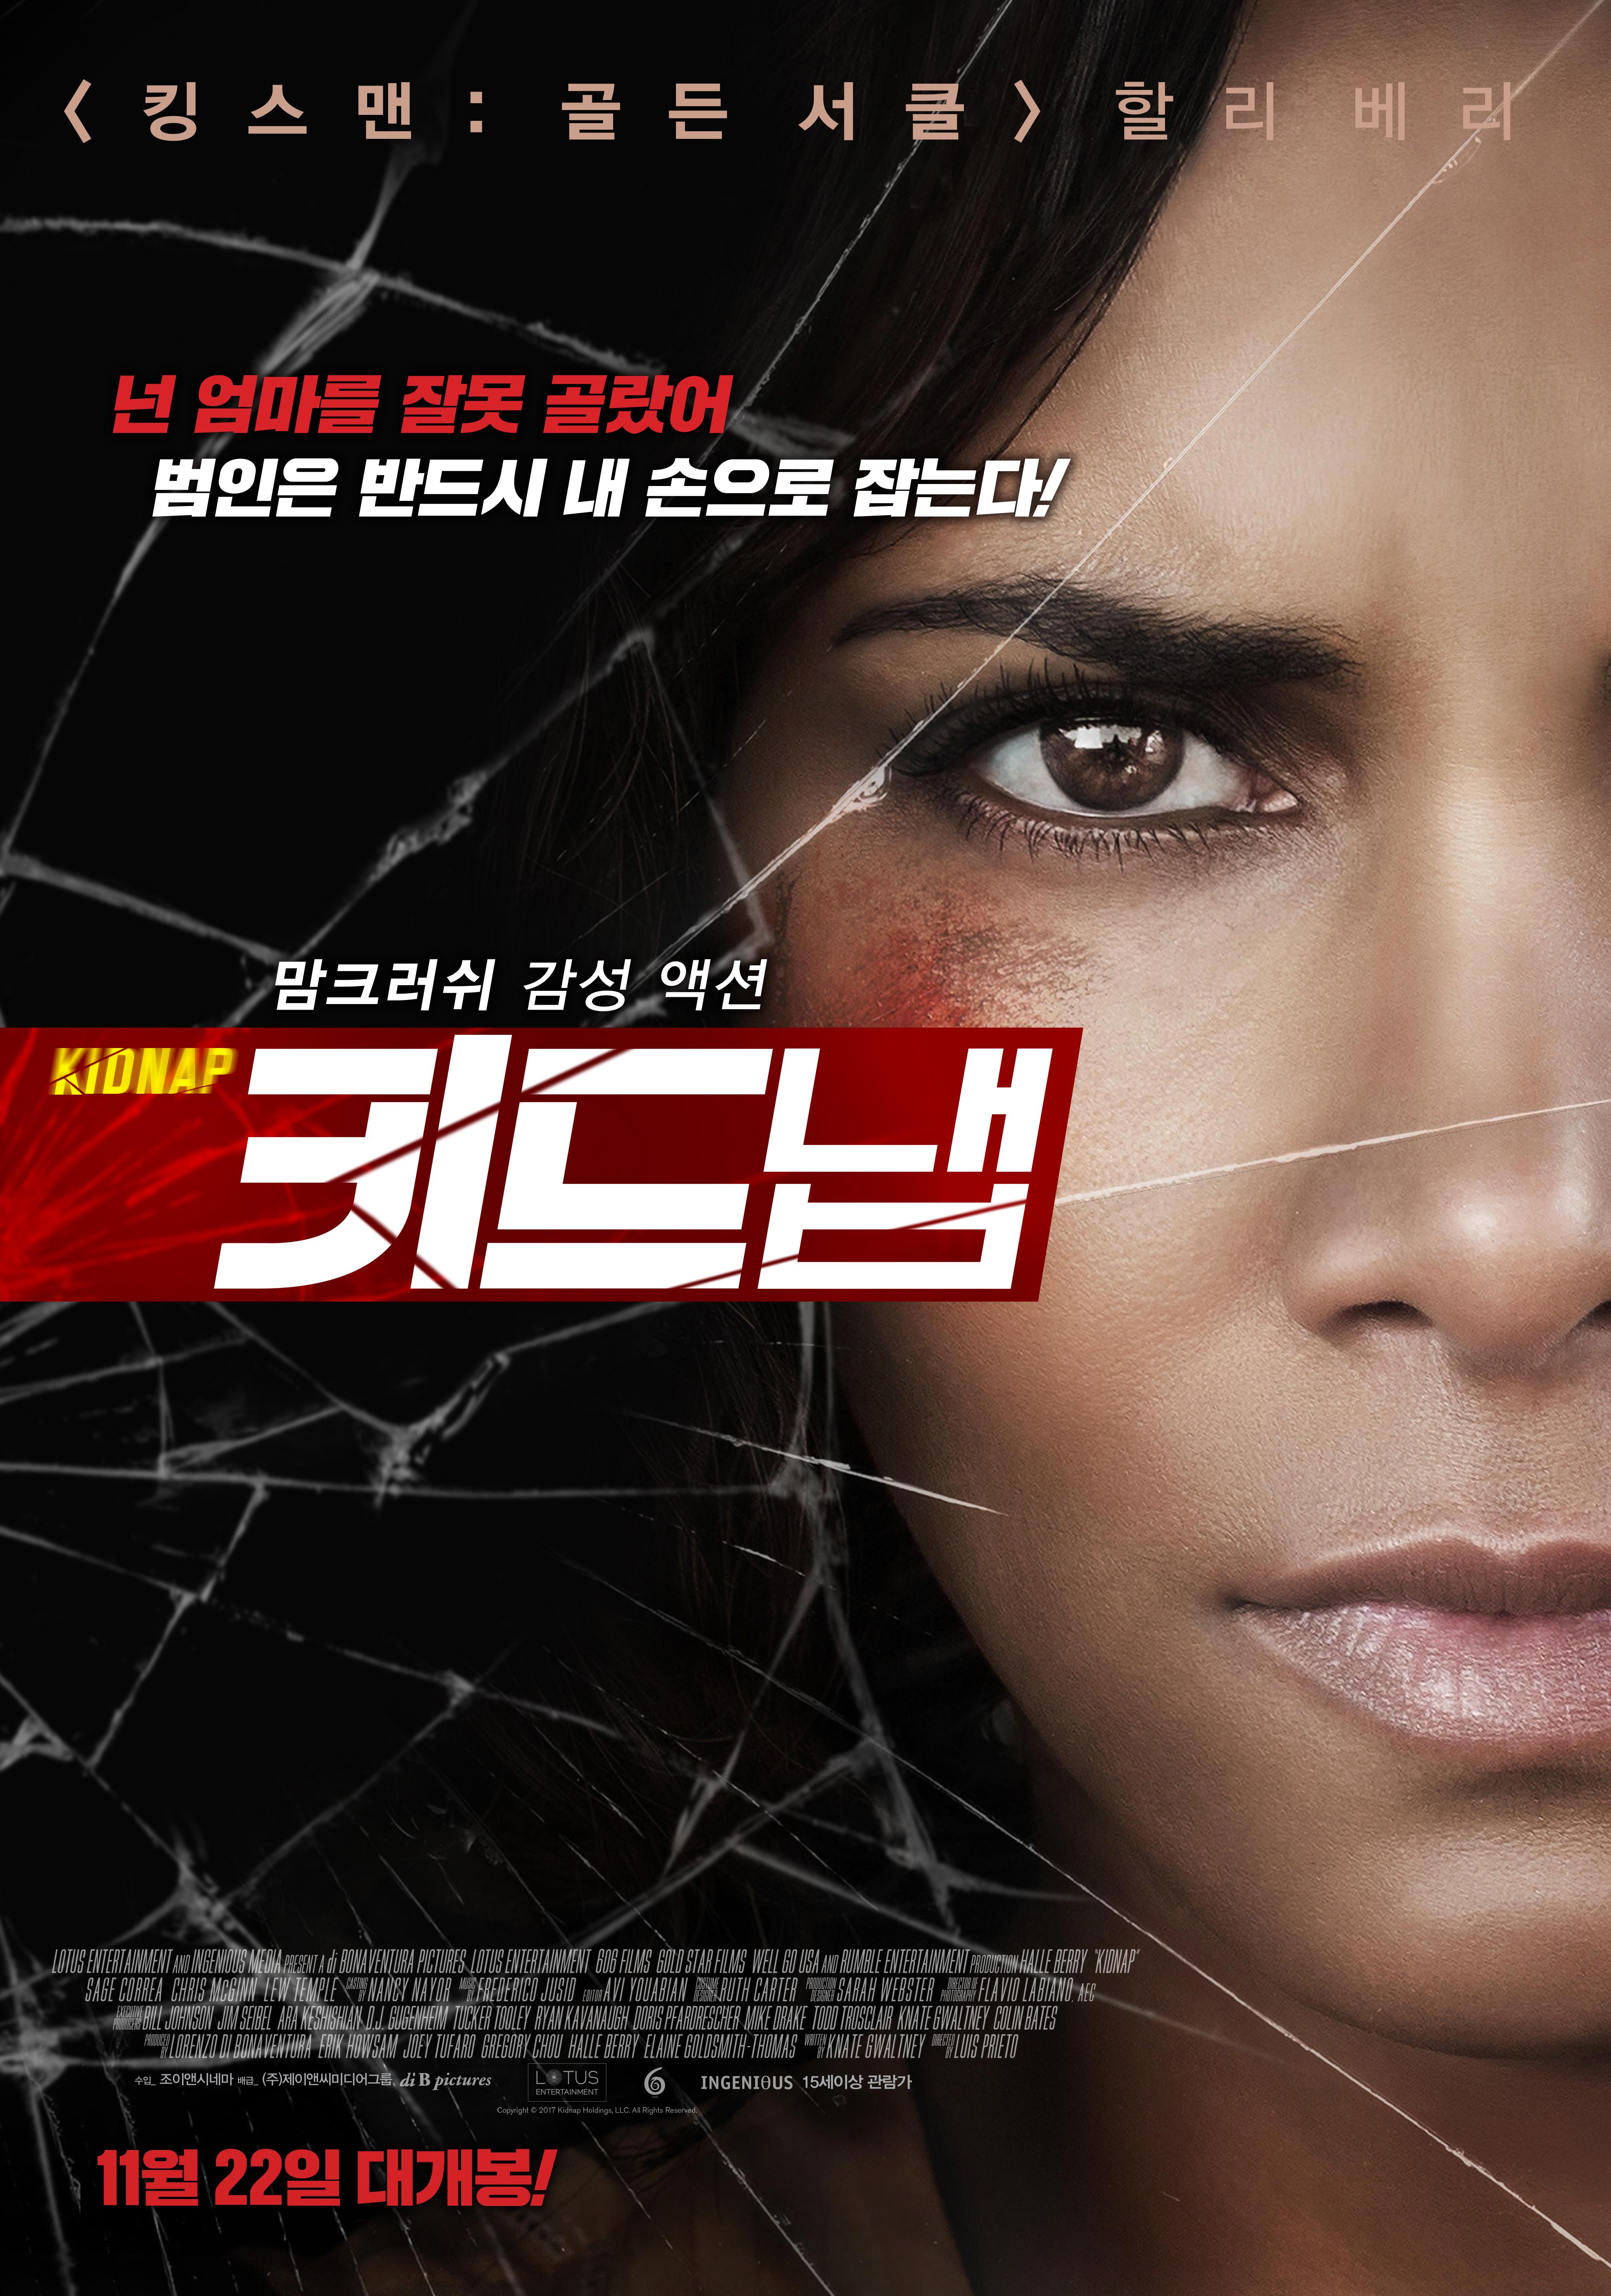 키드냅키드냅 (Kidnap)영화 [키드냅] 상세정보